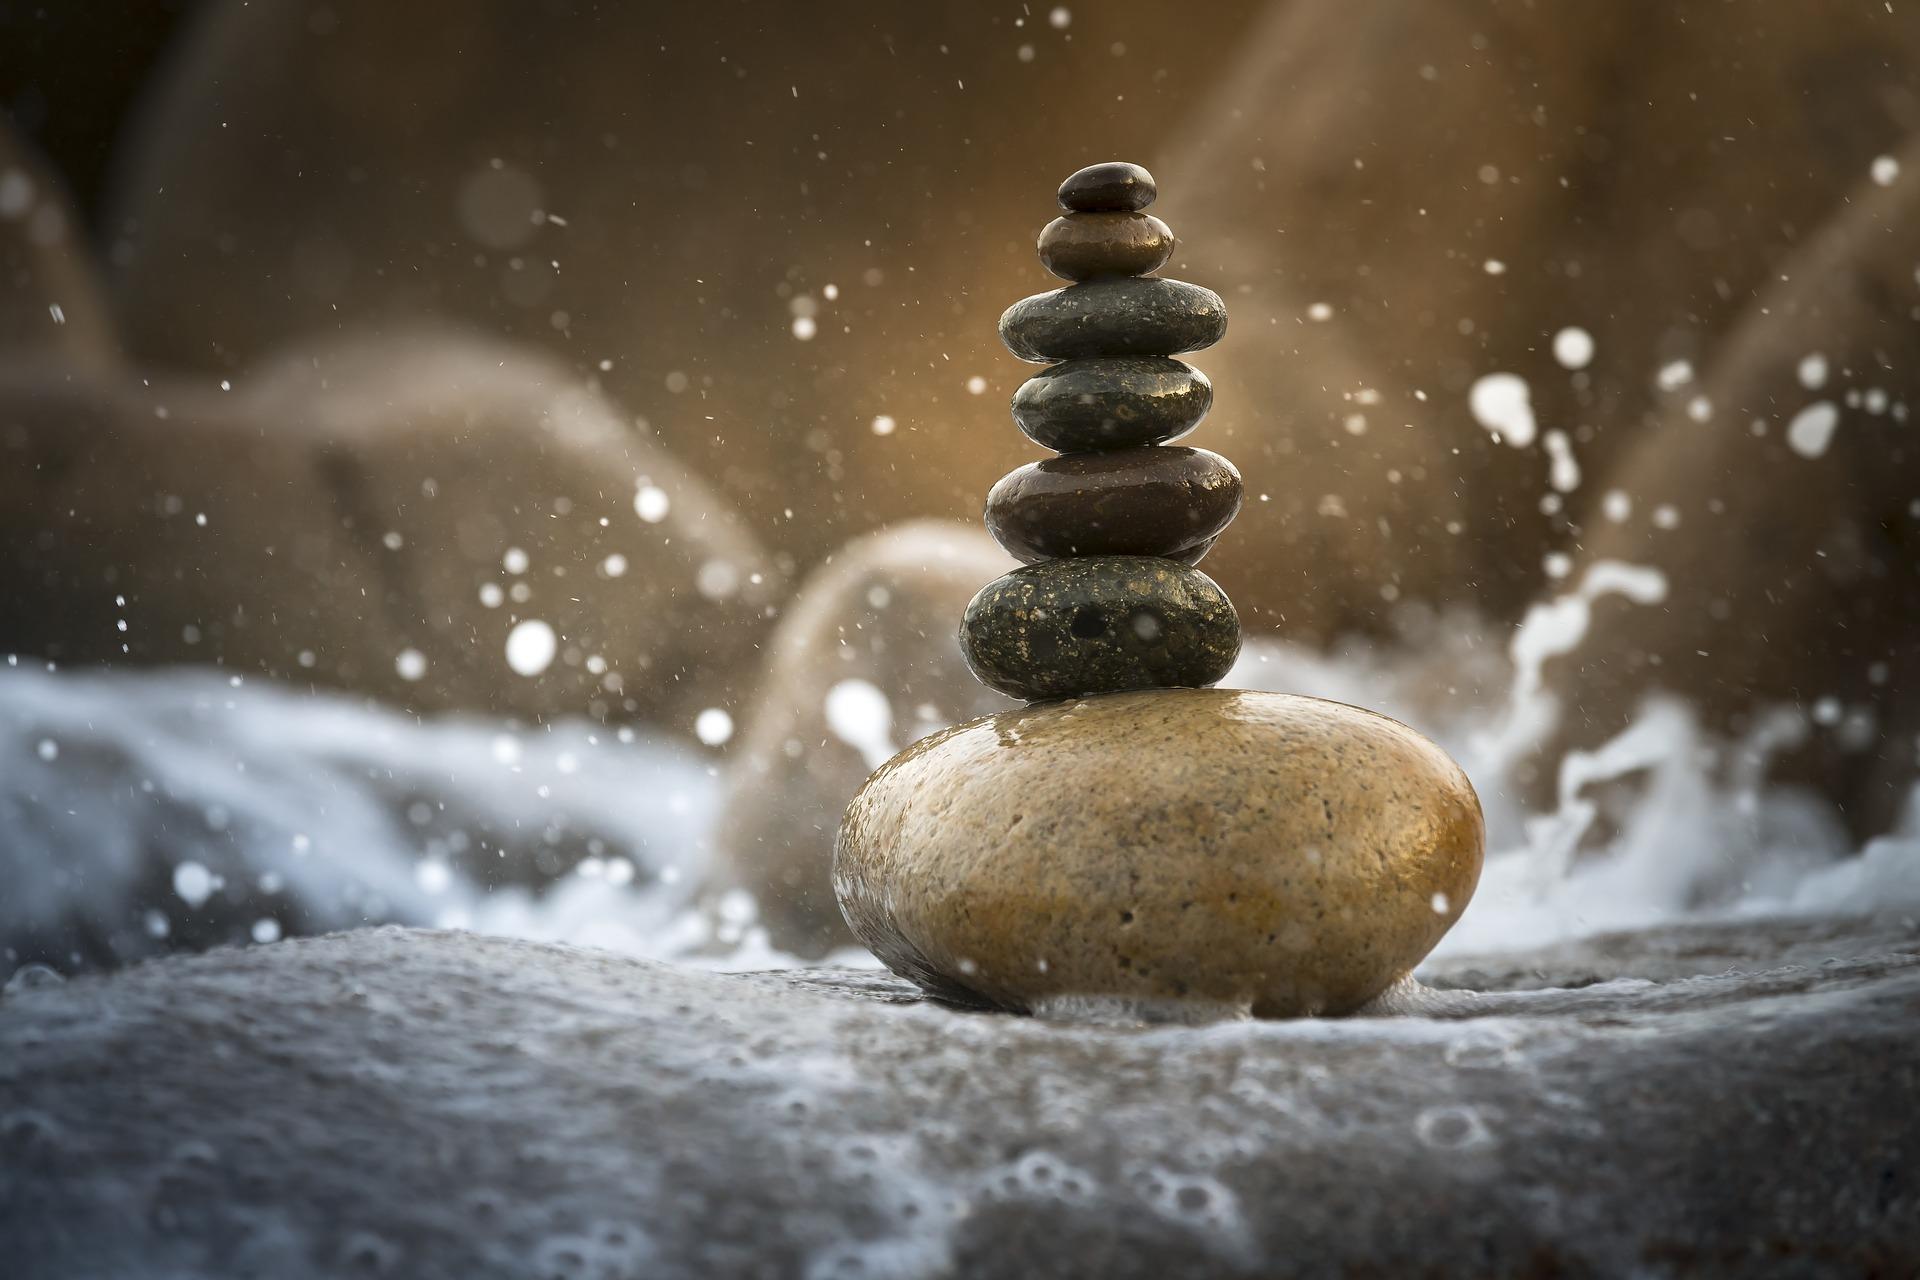 balance-3356547_1920